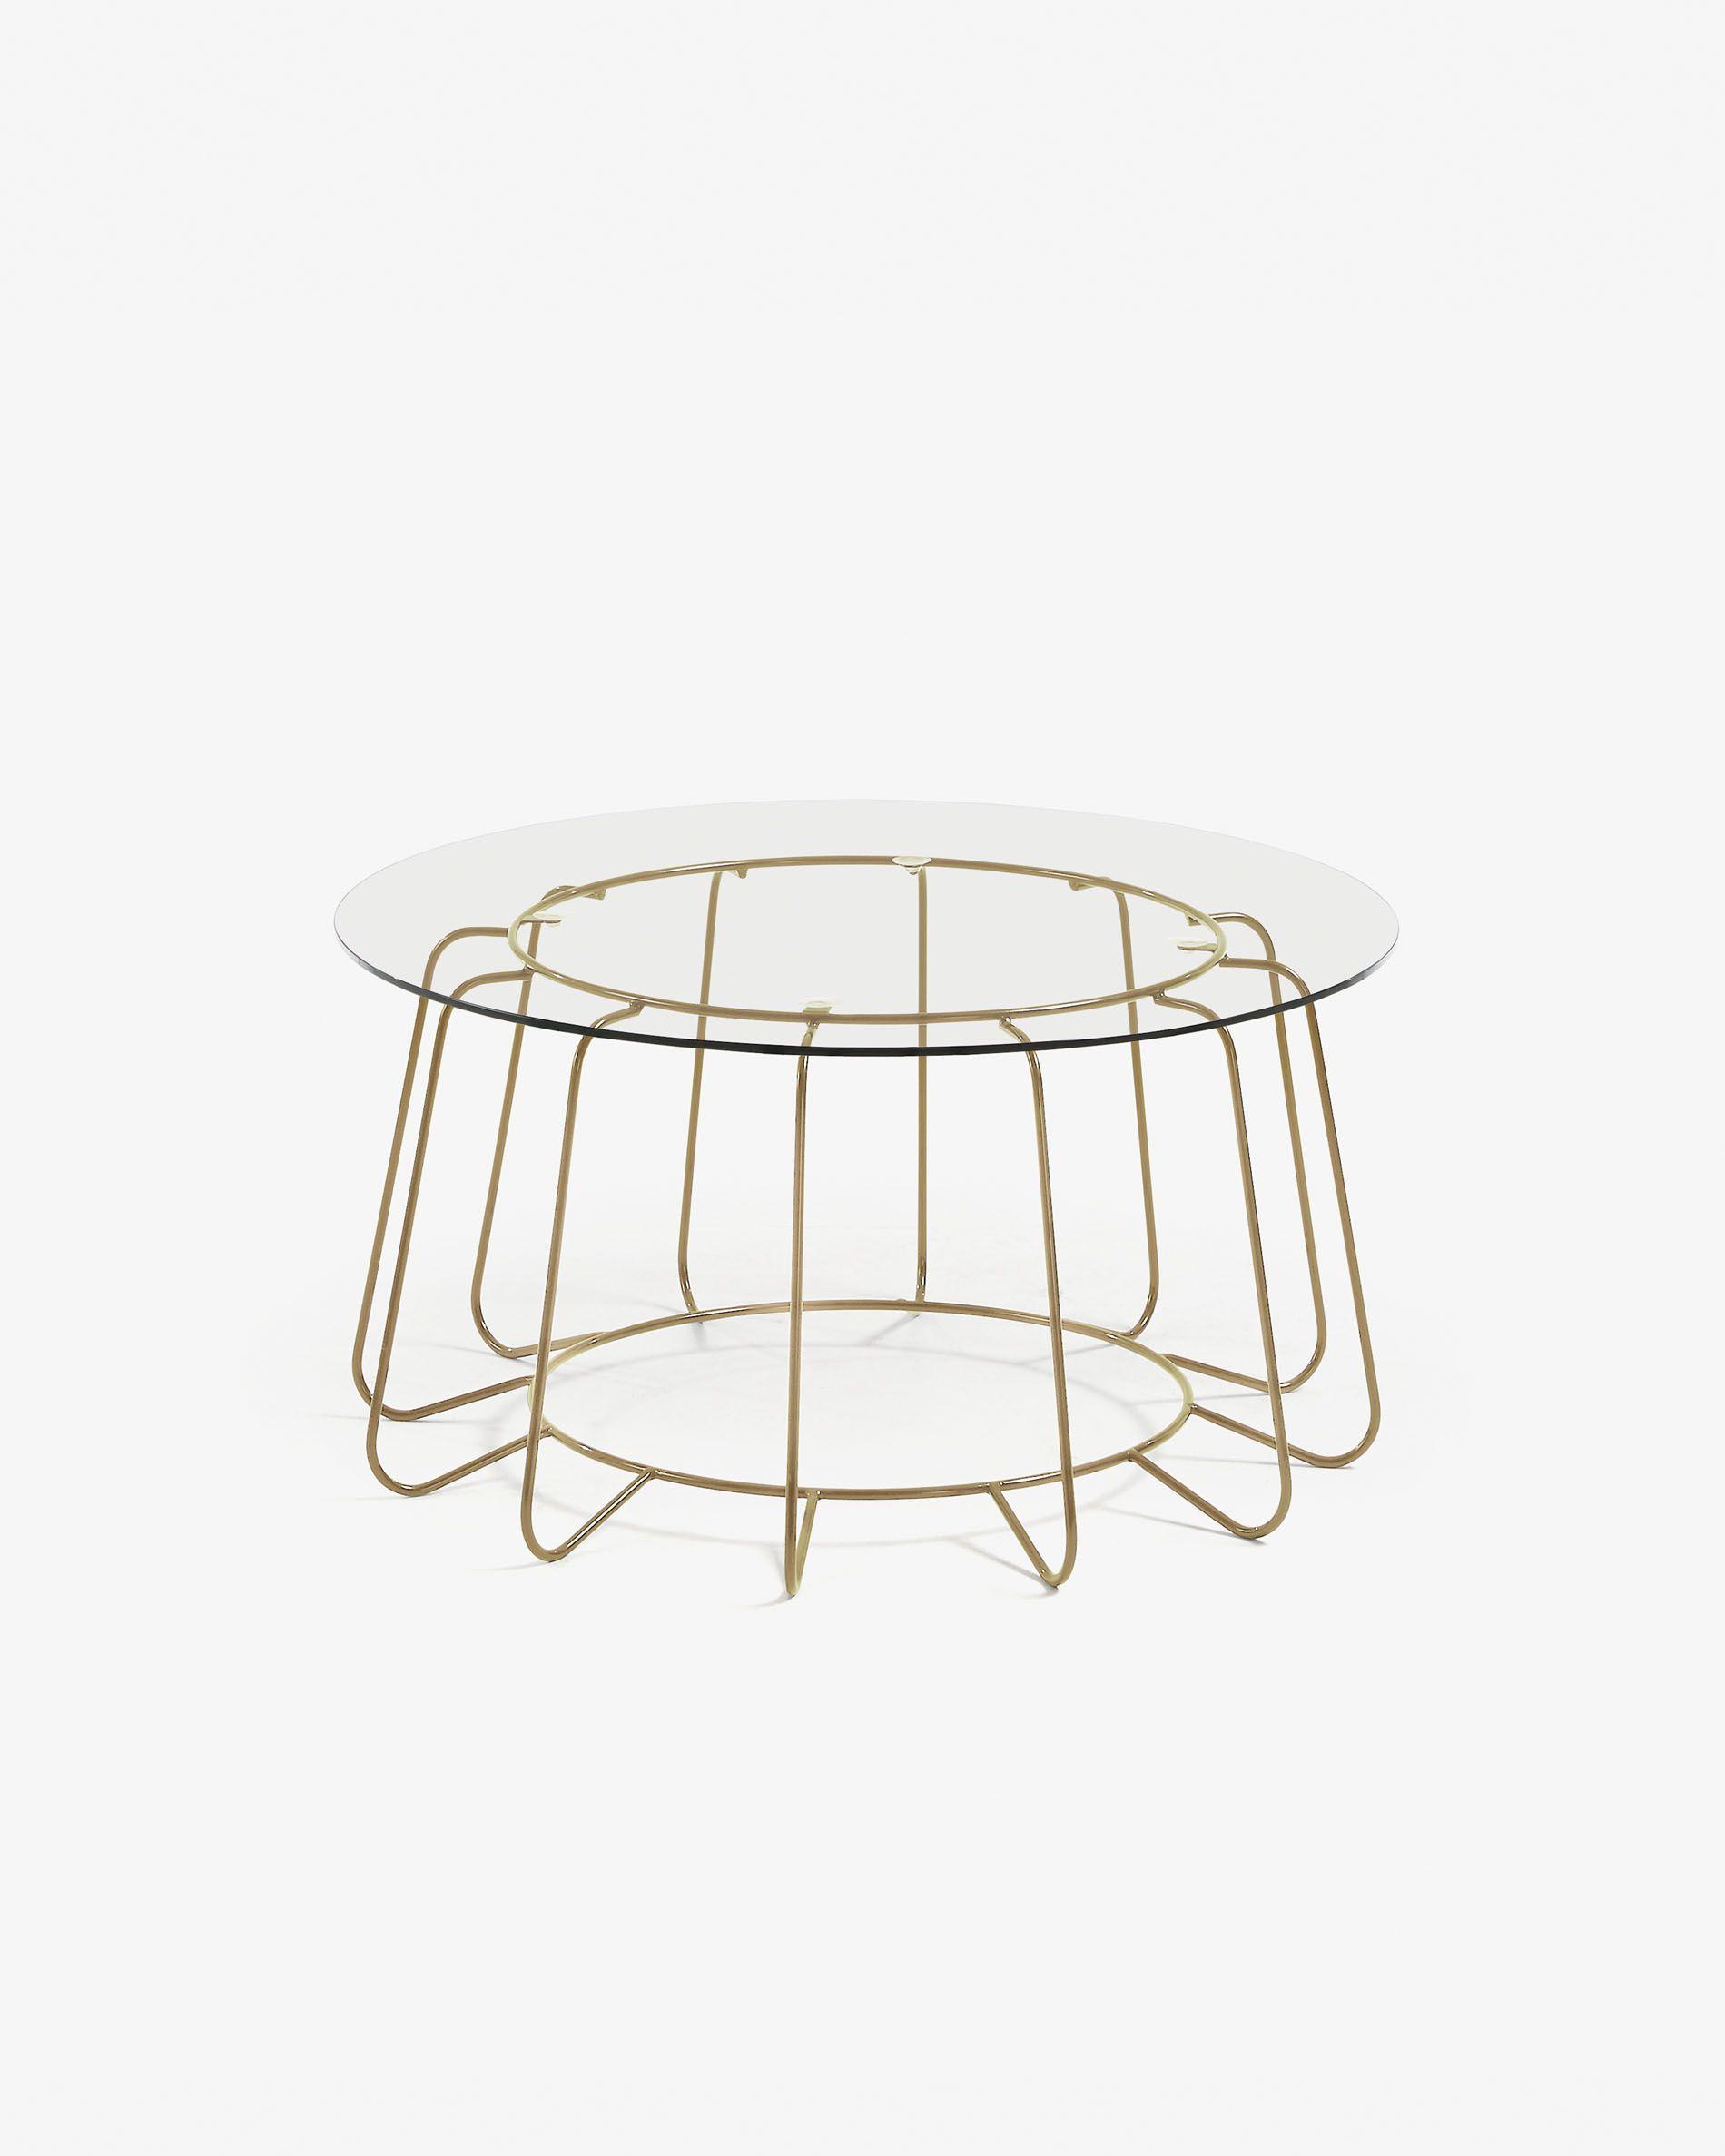 Mesa de centro Paradigm cristal y estructura de acero acabado dorado Ø 80 cm